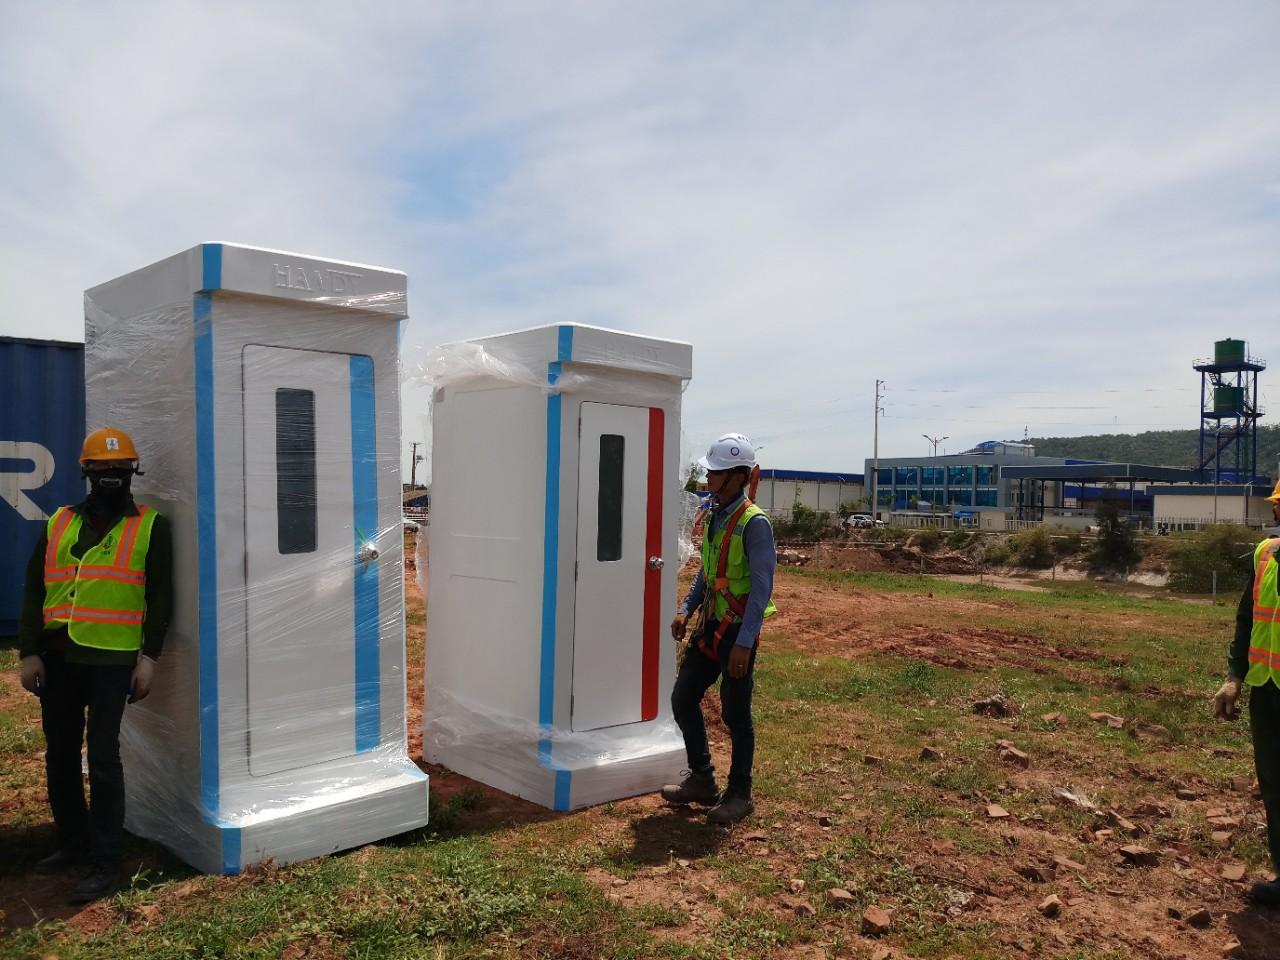 Giao nhà vệ sinh di động tại khu kinh tế Nghi Sơn, tỉnh Thanh Hoá